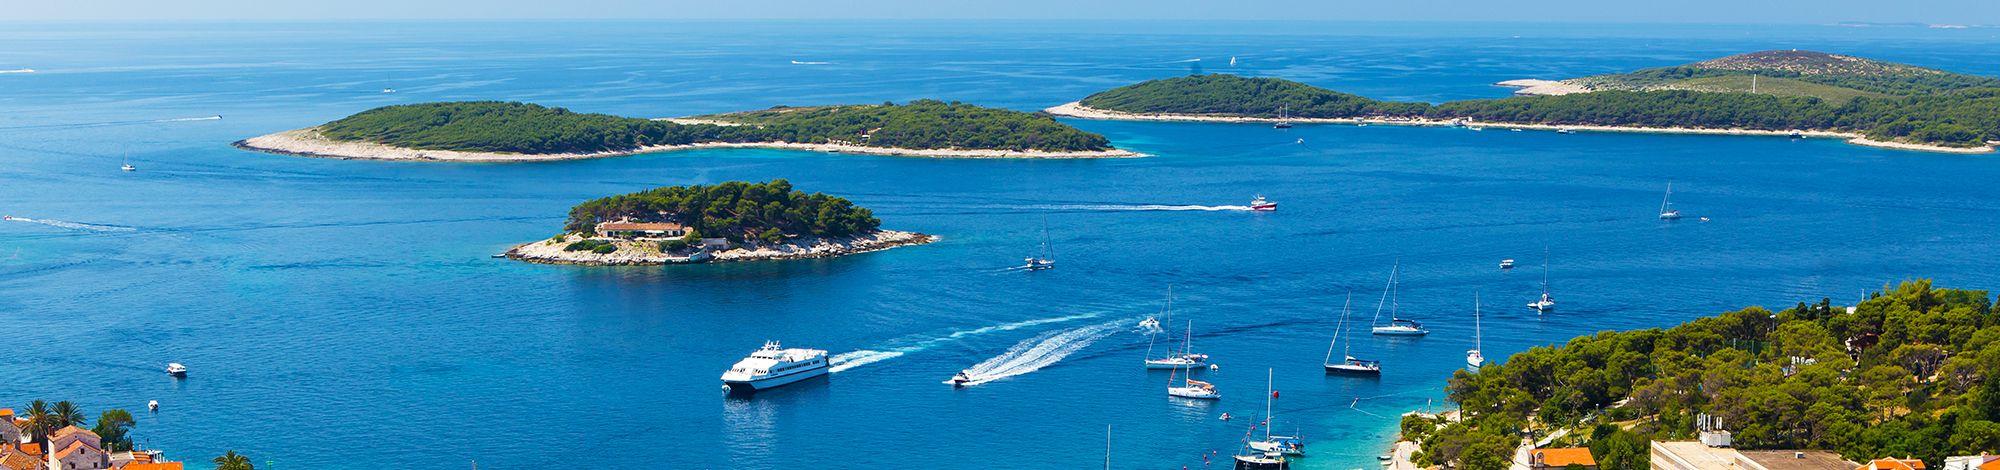 Bild von Kroatien